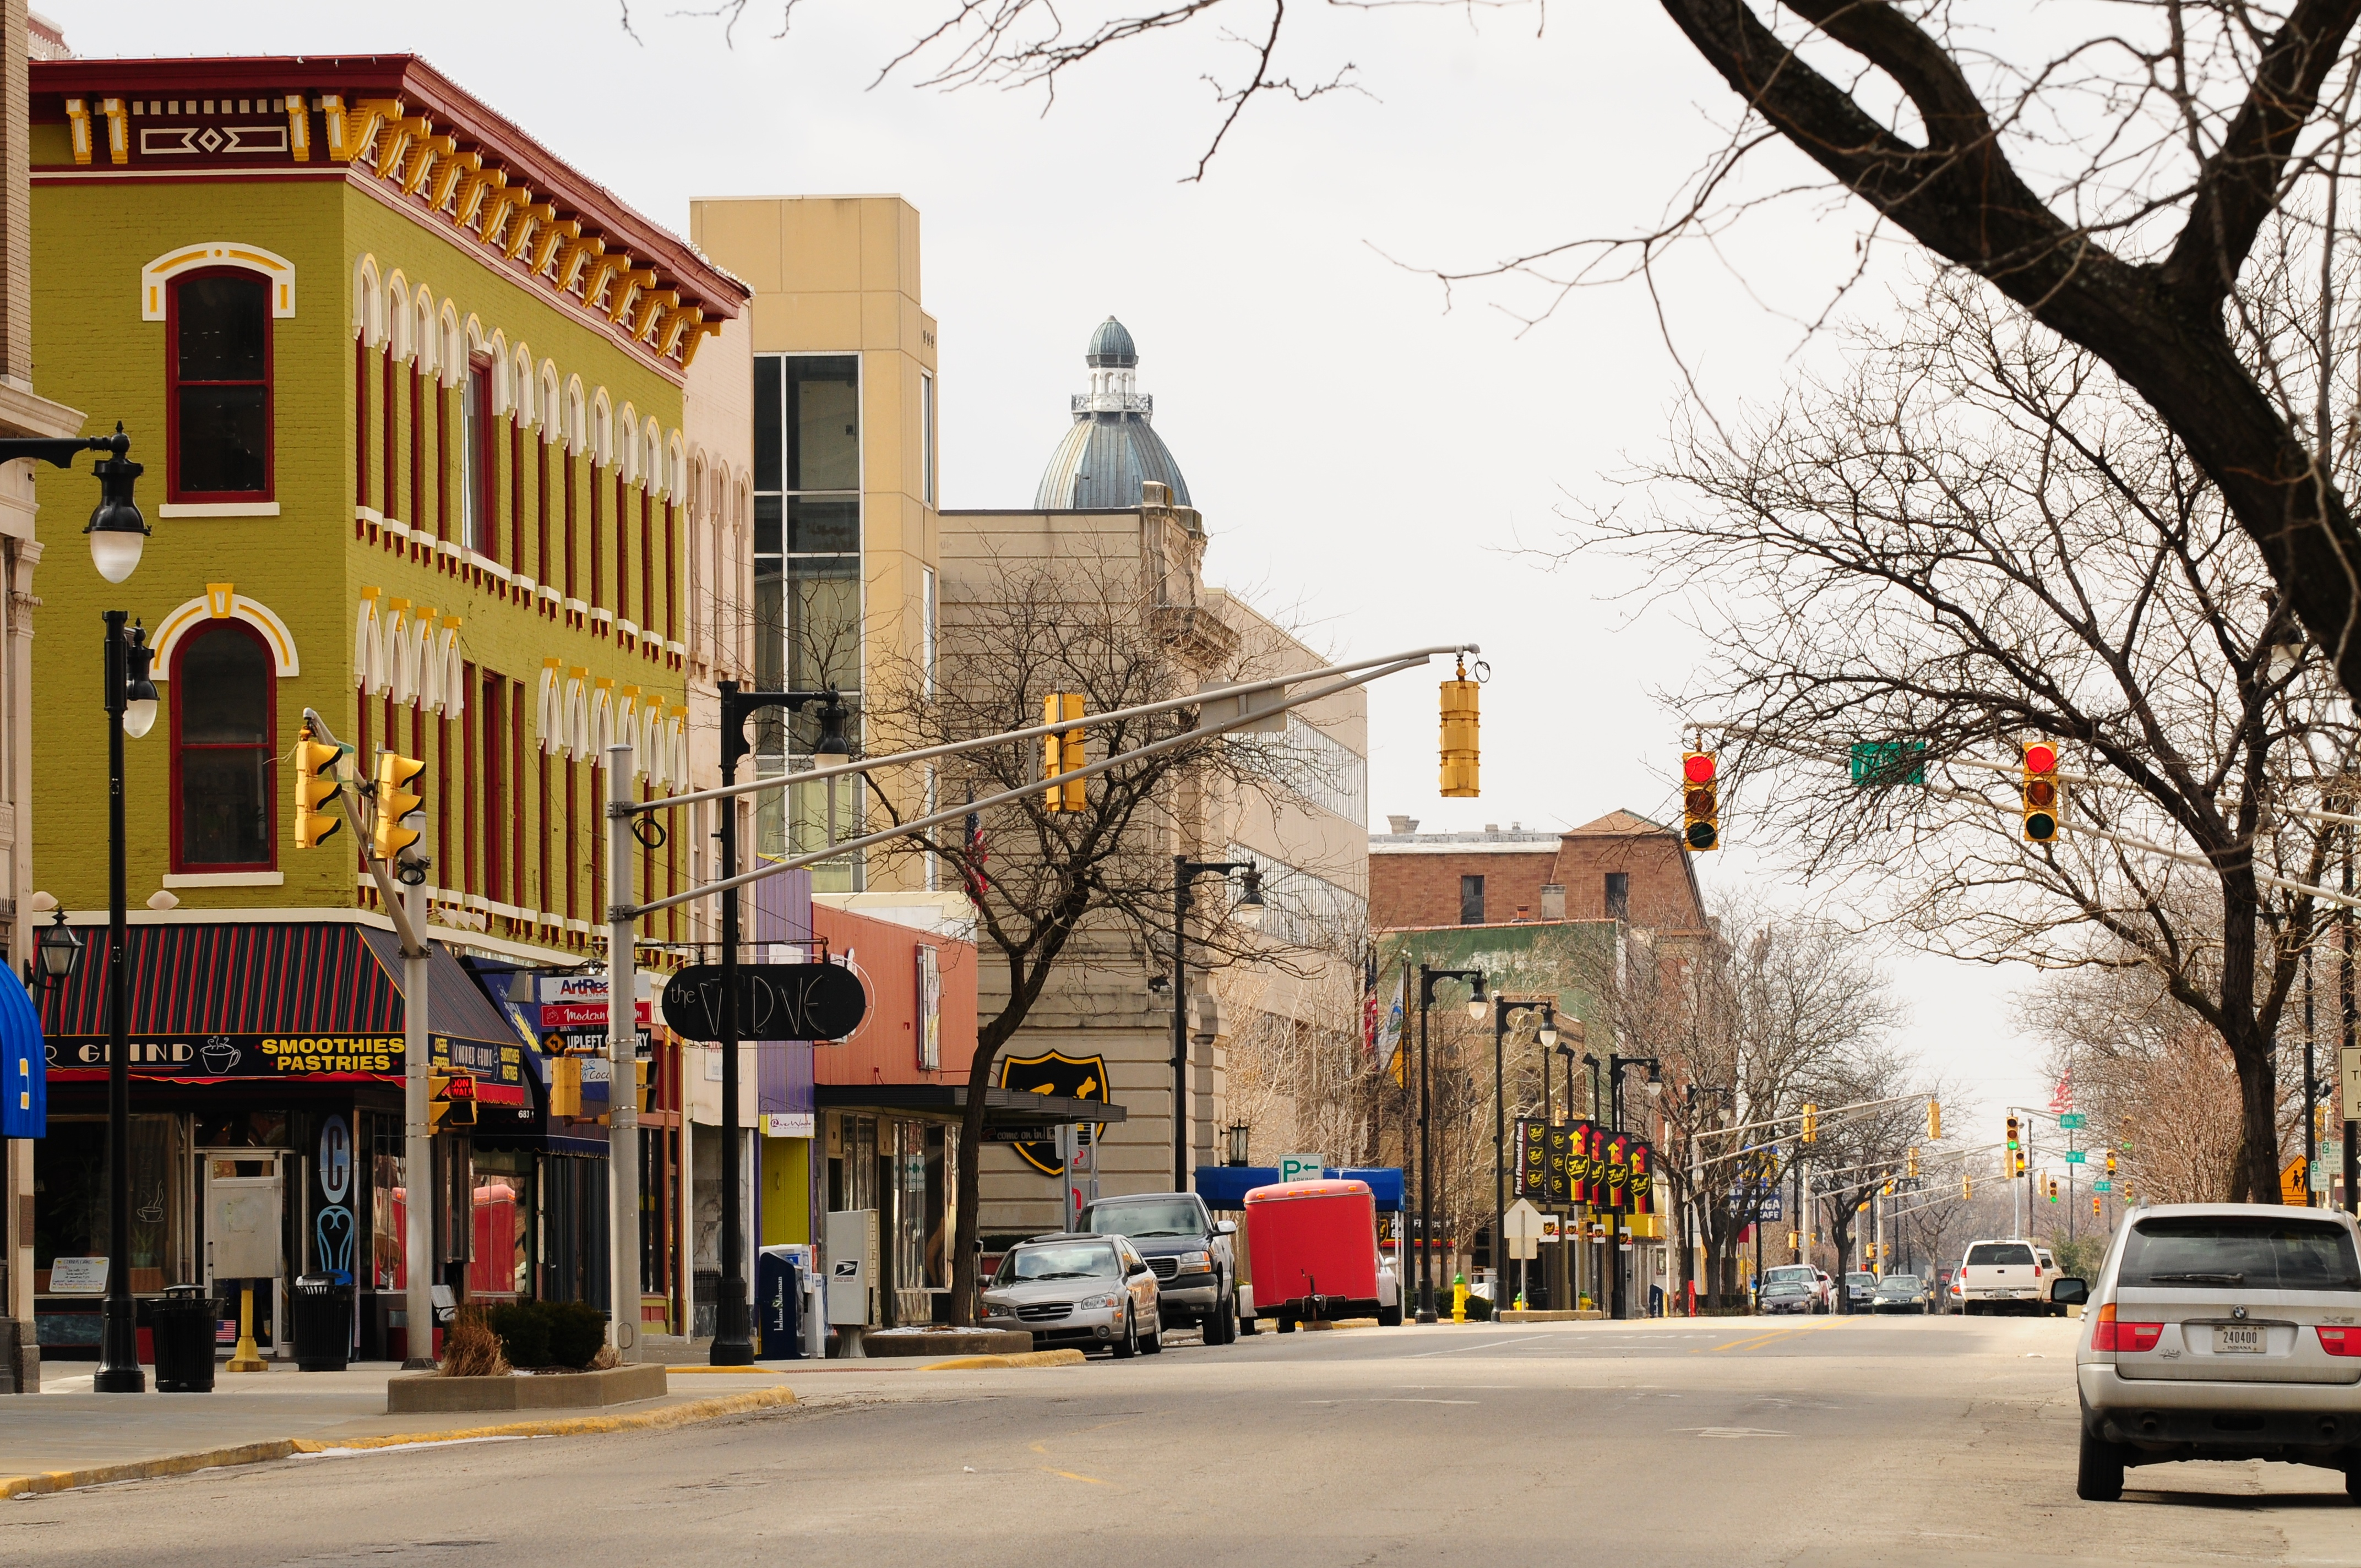 Wabash Ave Photo